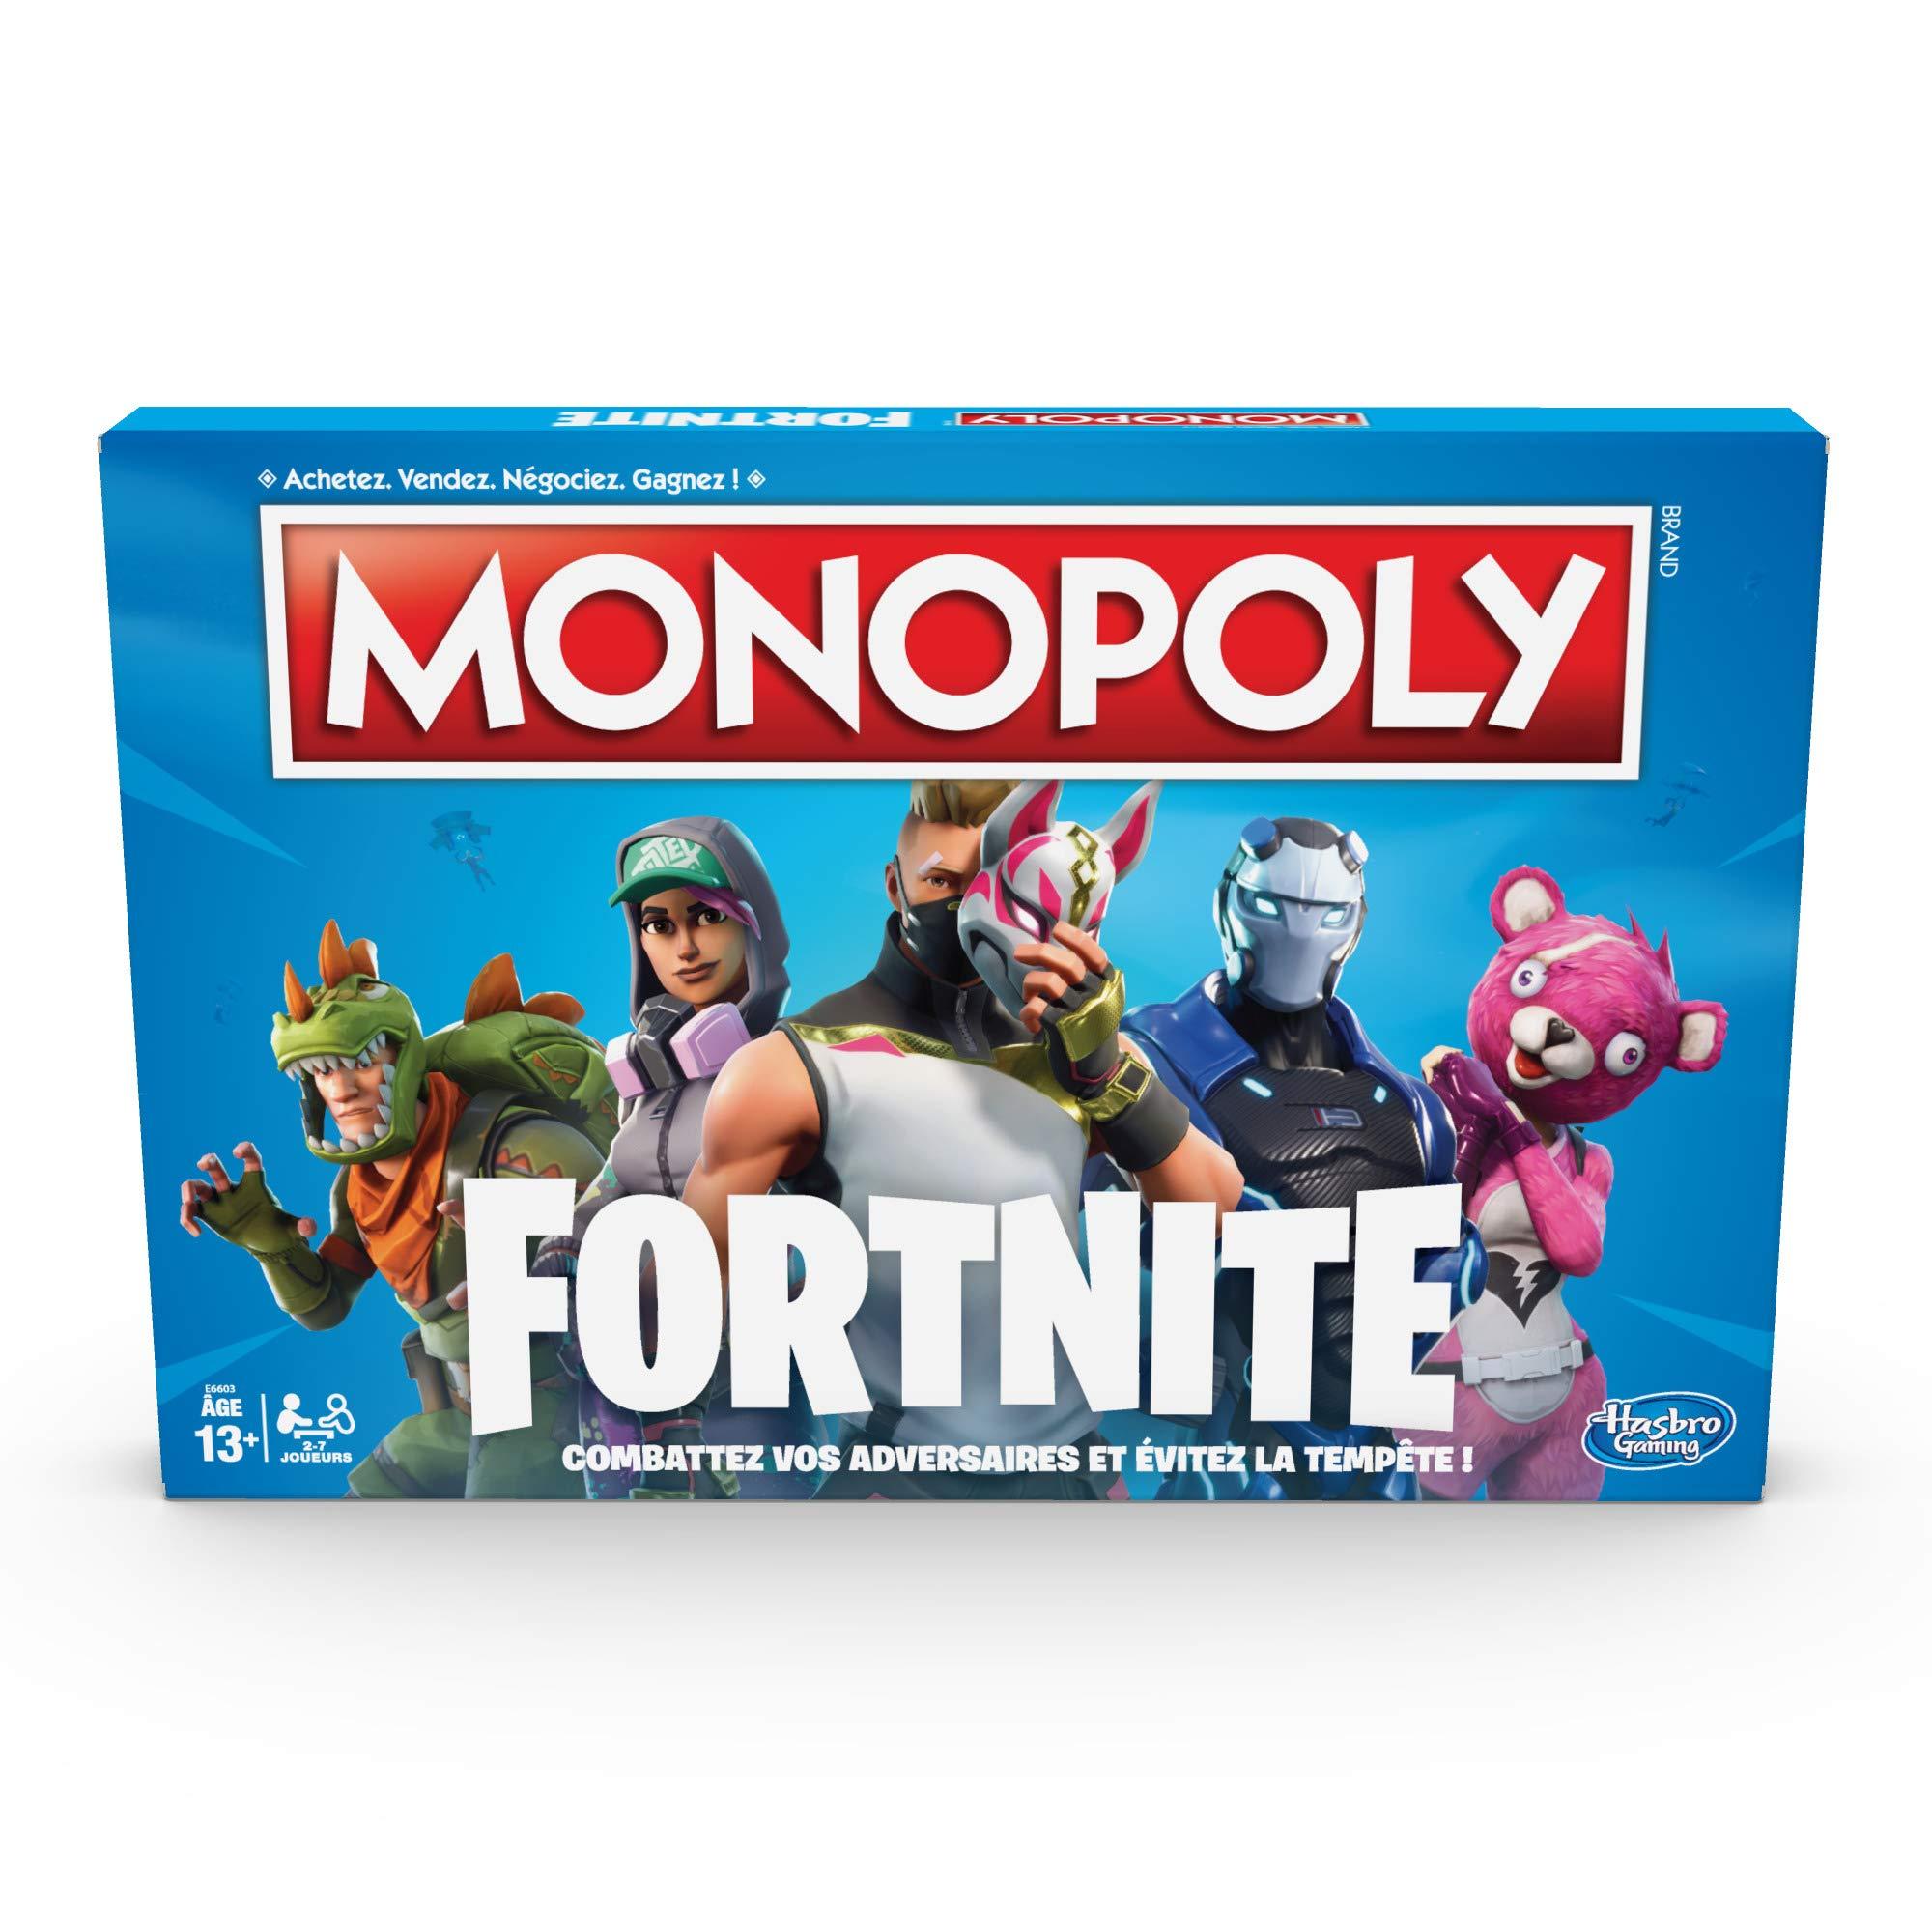 Monopoly – Fortnite juego de tablero, E6603: Amazon.es: Juguetes y juegos